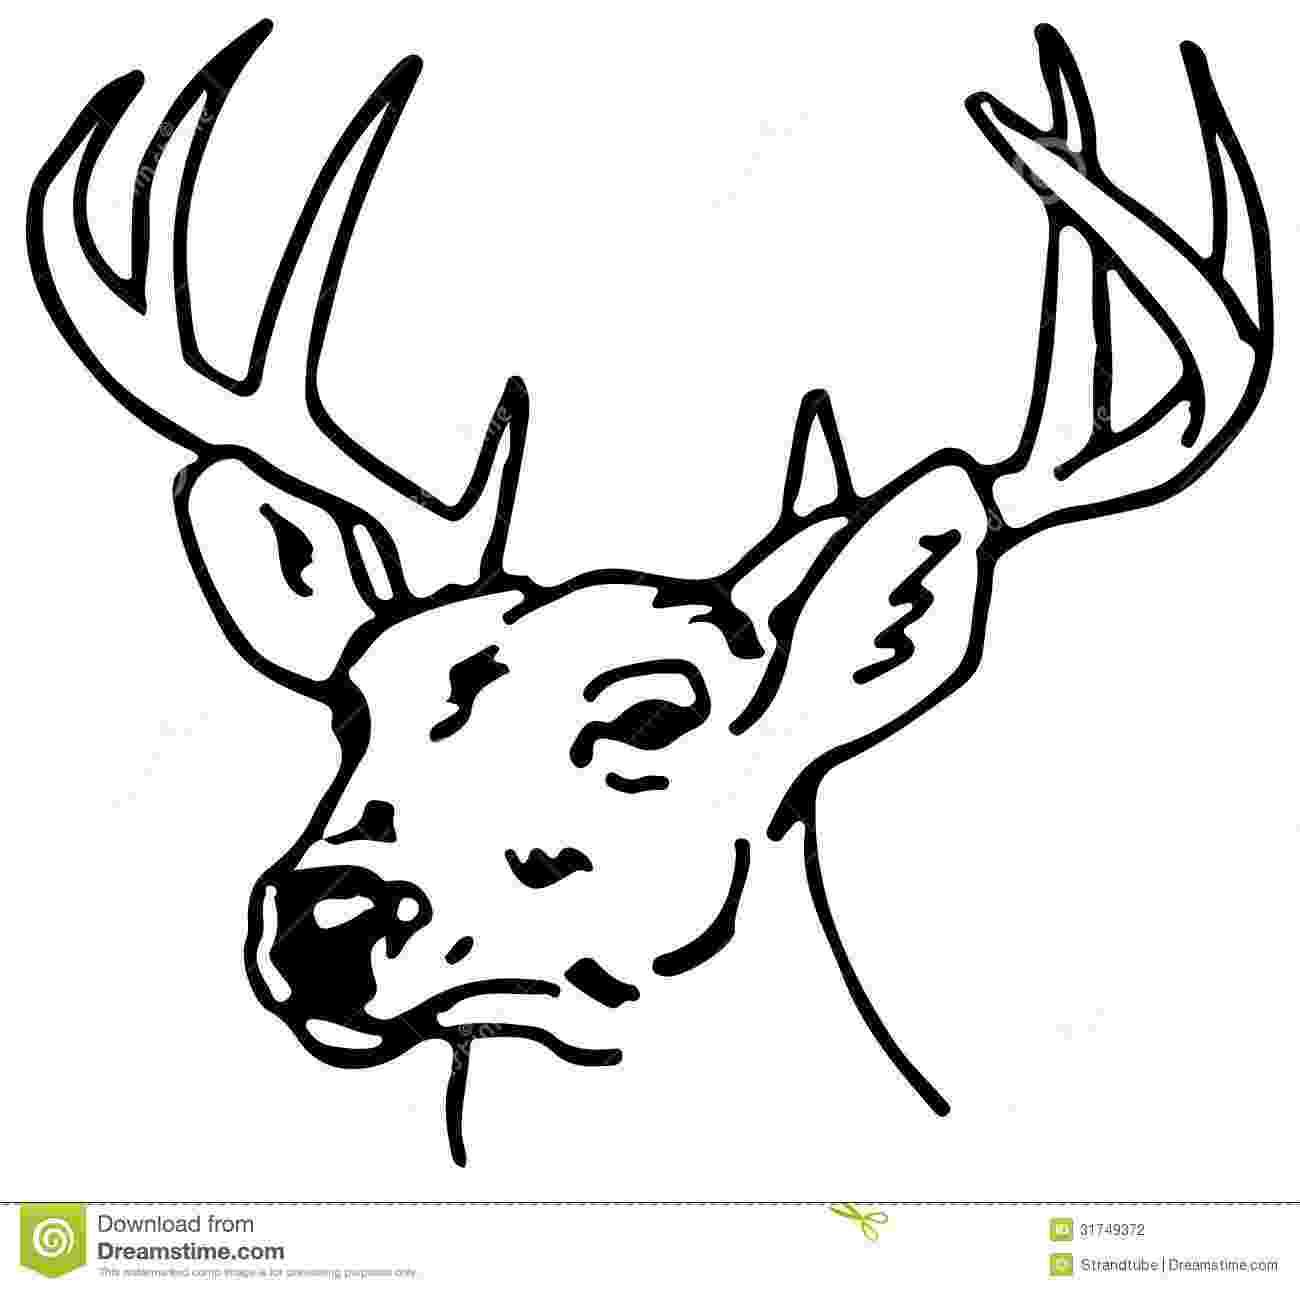 raindeer sketch learn how to draw a reindeer wild animals step by step sketch raindeer